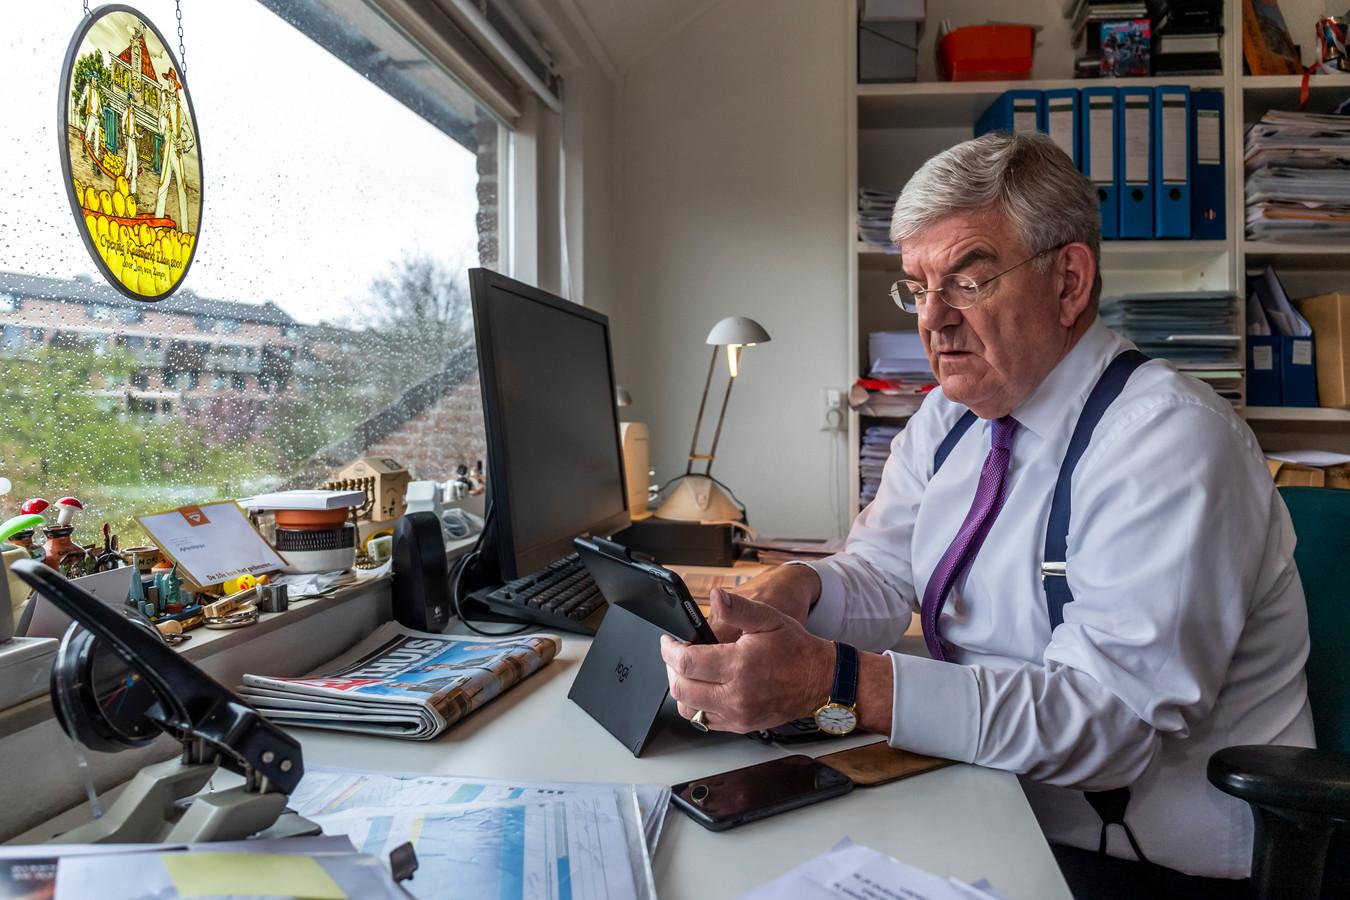 Burgemeester van Utrecht Jan van Zanen thuis aan het werk op zijn zolderkamer.